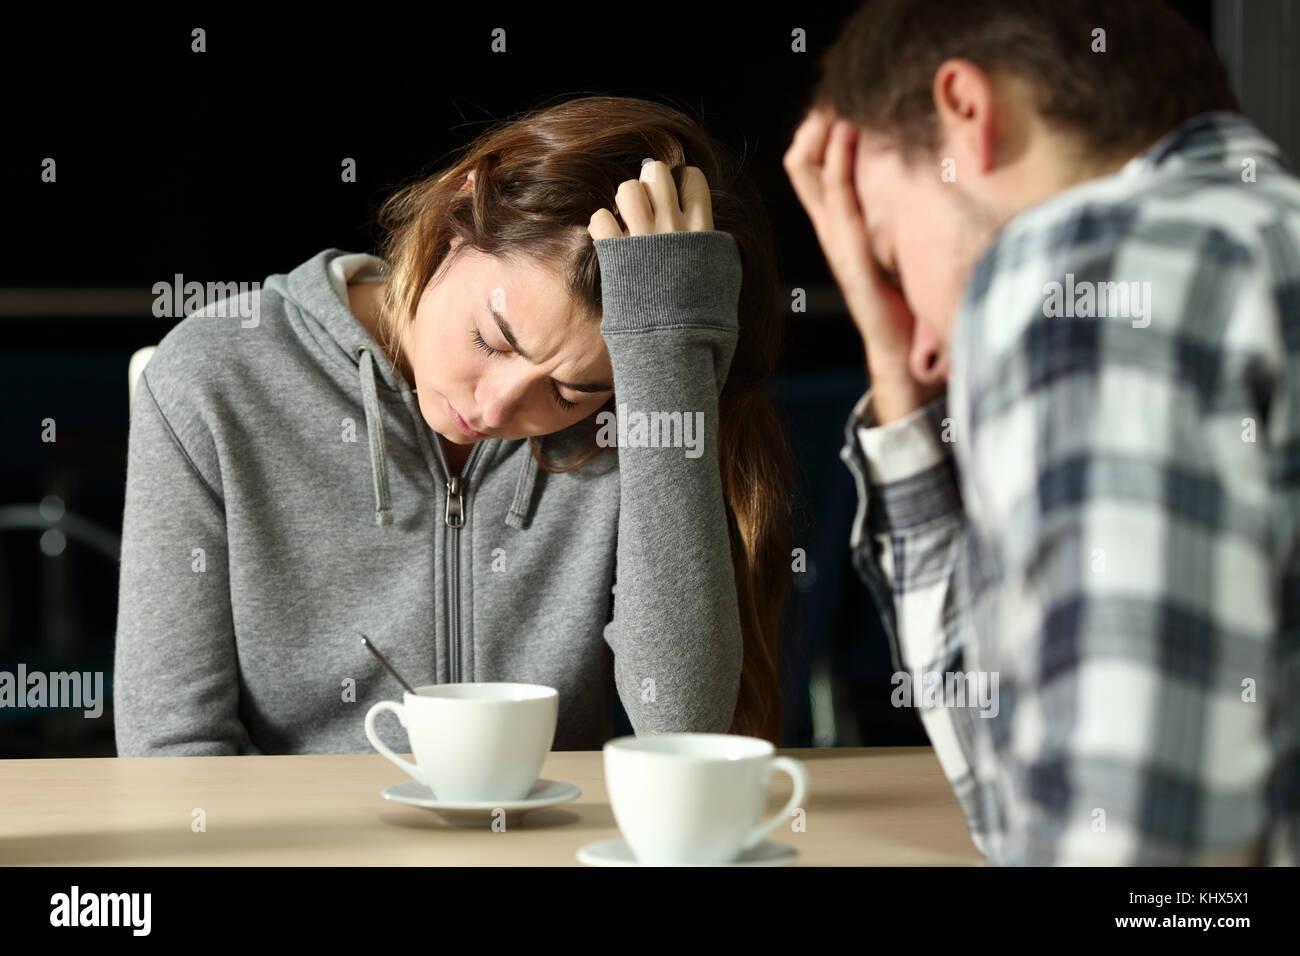 Triste pareja de adolescentes quejarse sentado en un bar en la noche Imagen De Stock